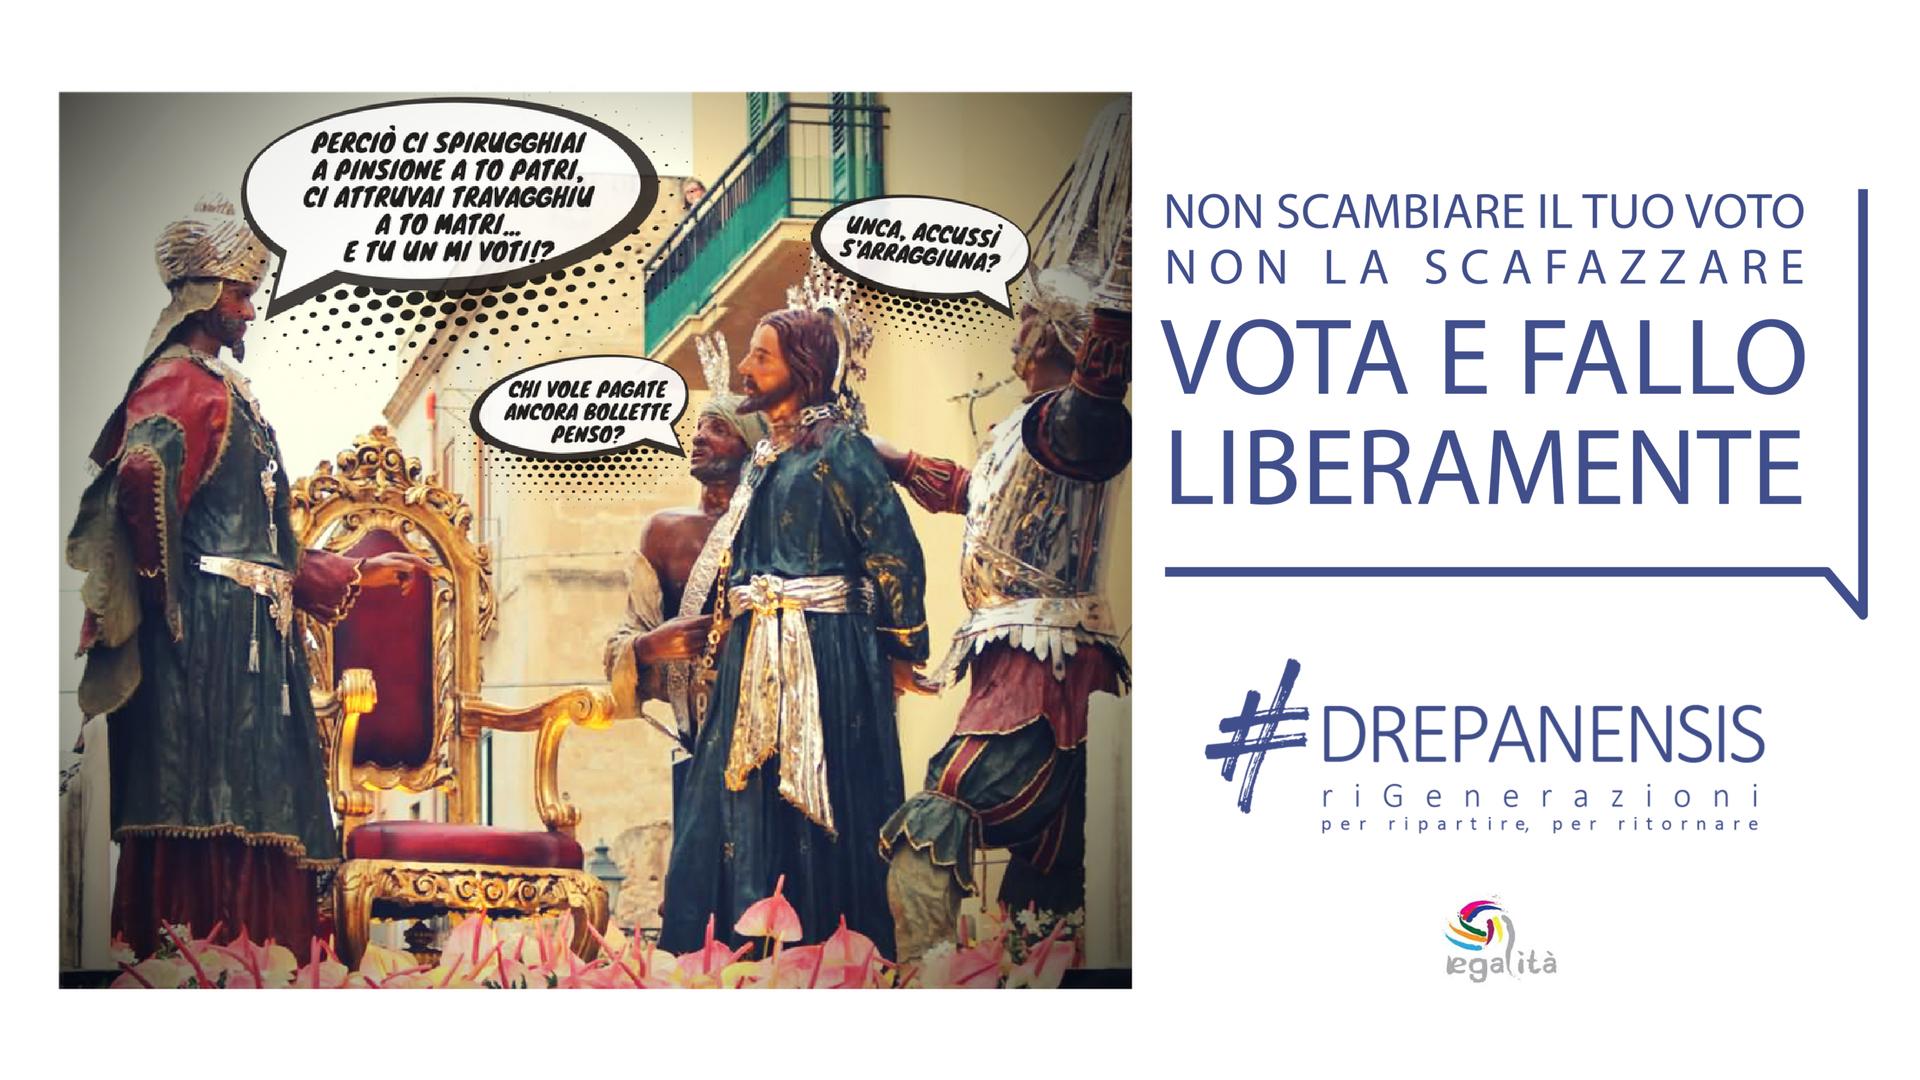 Elezioni a Trapani: l'associazione Drepanensis lancia una campagna contro il voto di scambio